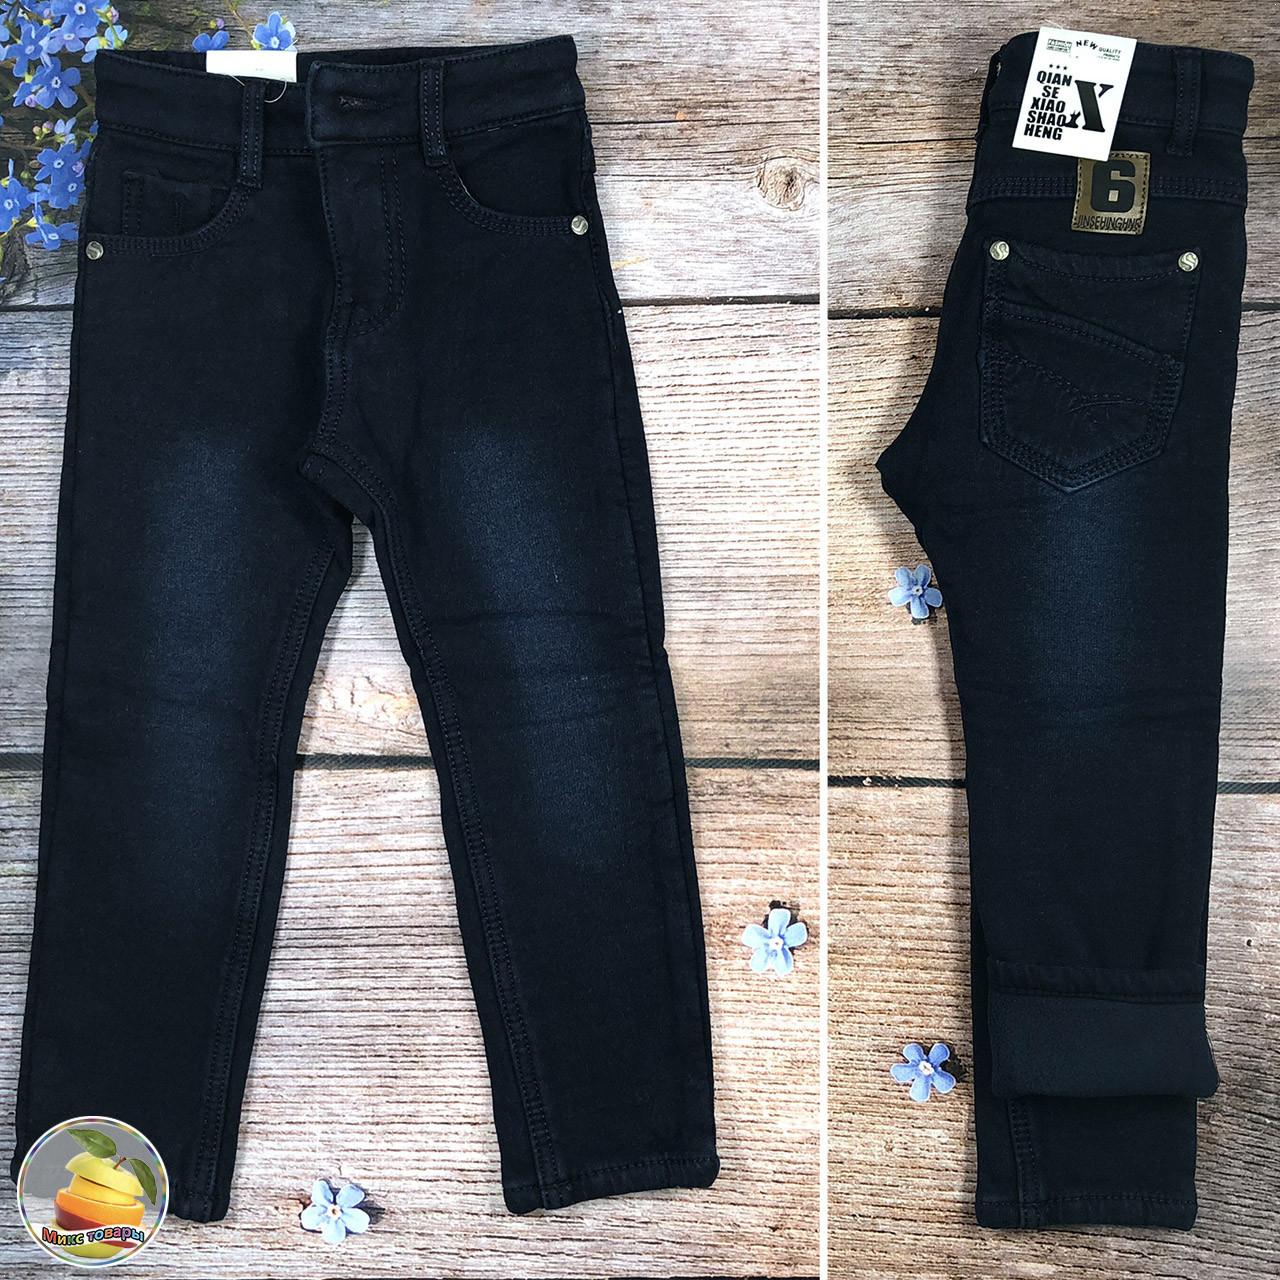 Теплые джинсы с флисом для мальчика Размеры: 5,6,7,8,9 лет (8839)